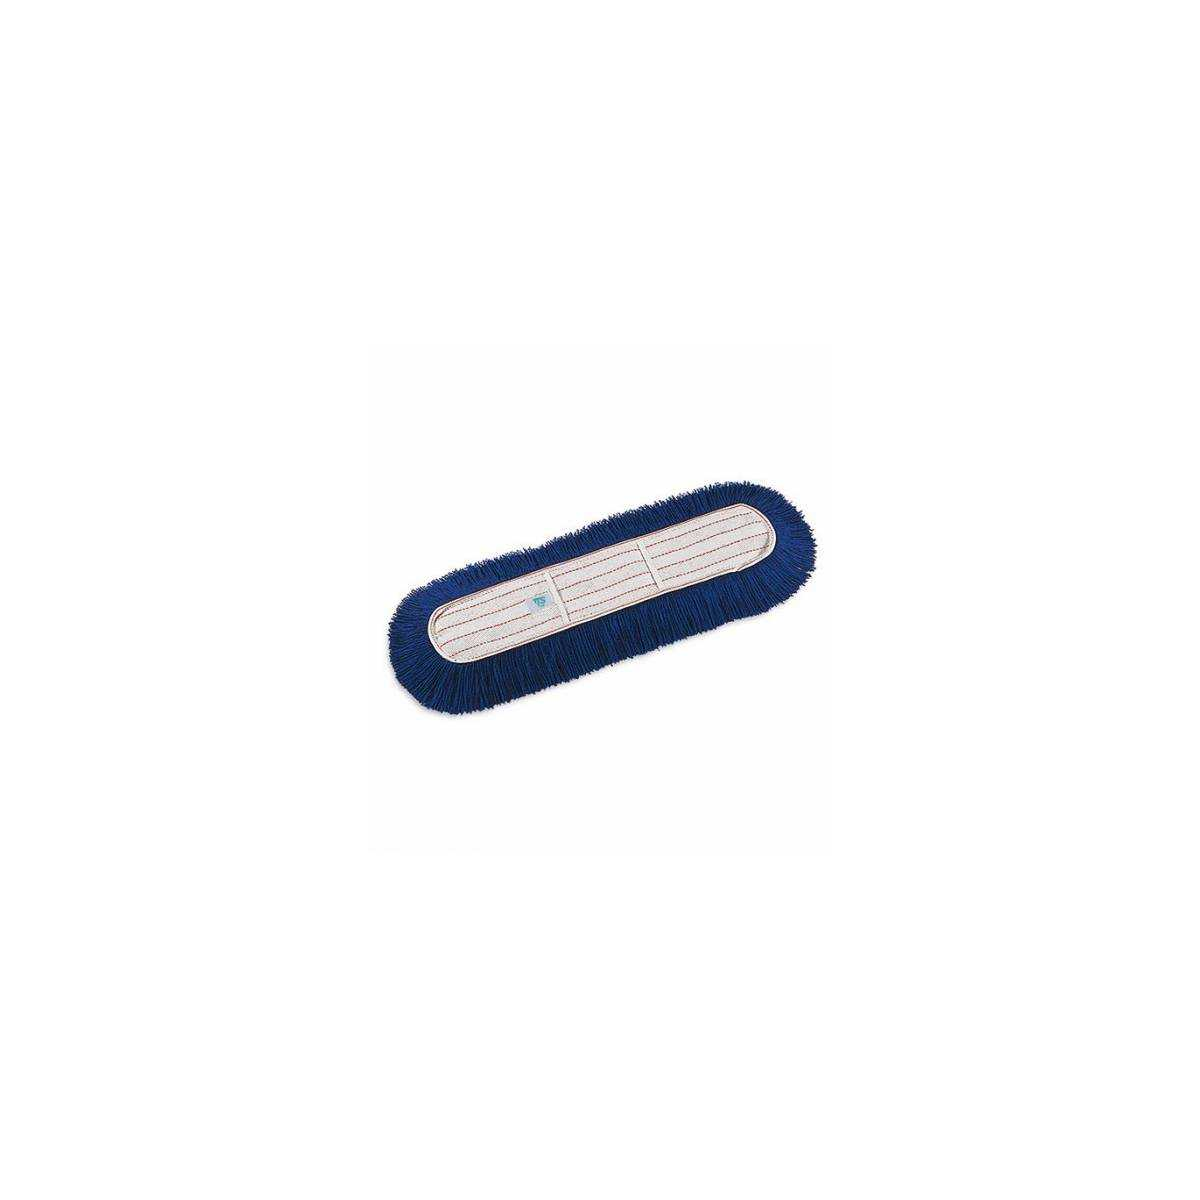 Моп (запаска) для сухой уборки акрил 100см Middle Acrilico 00000144 TTS